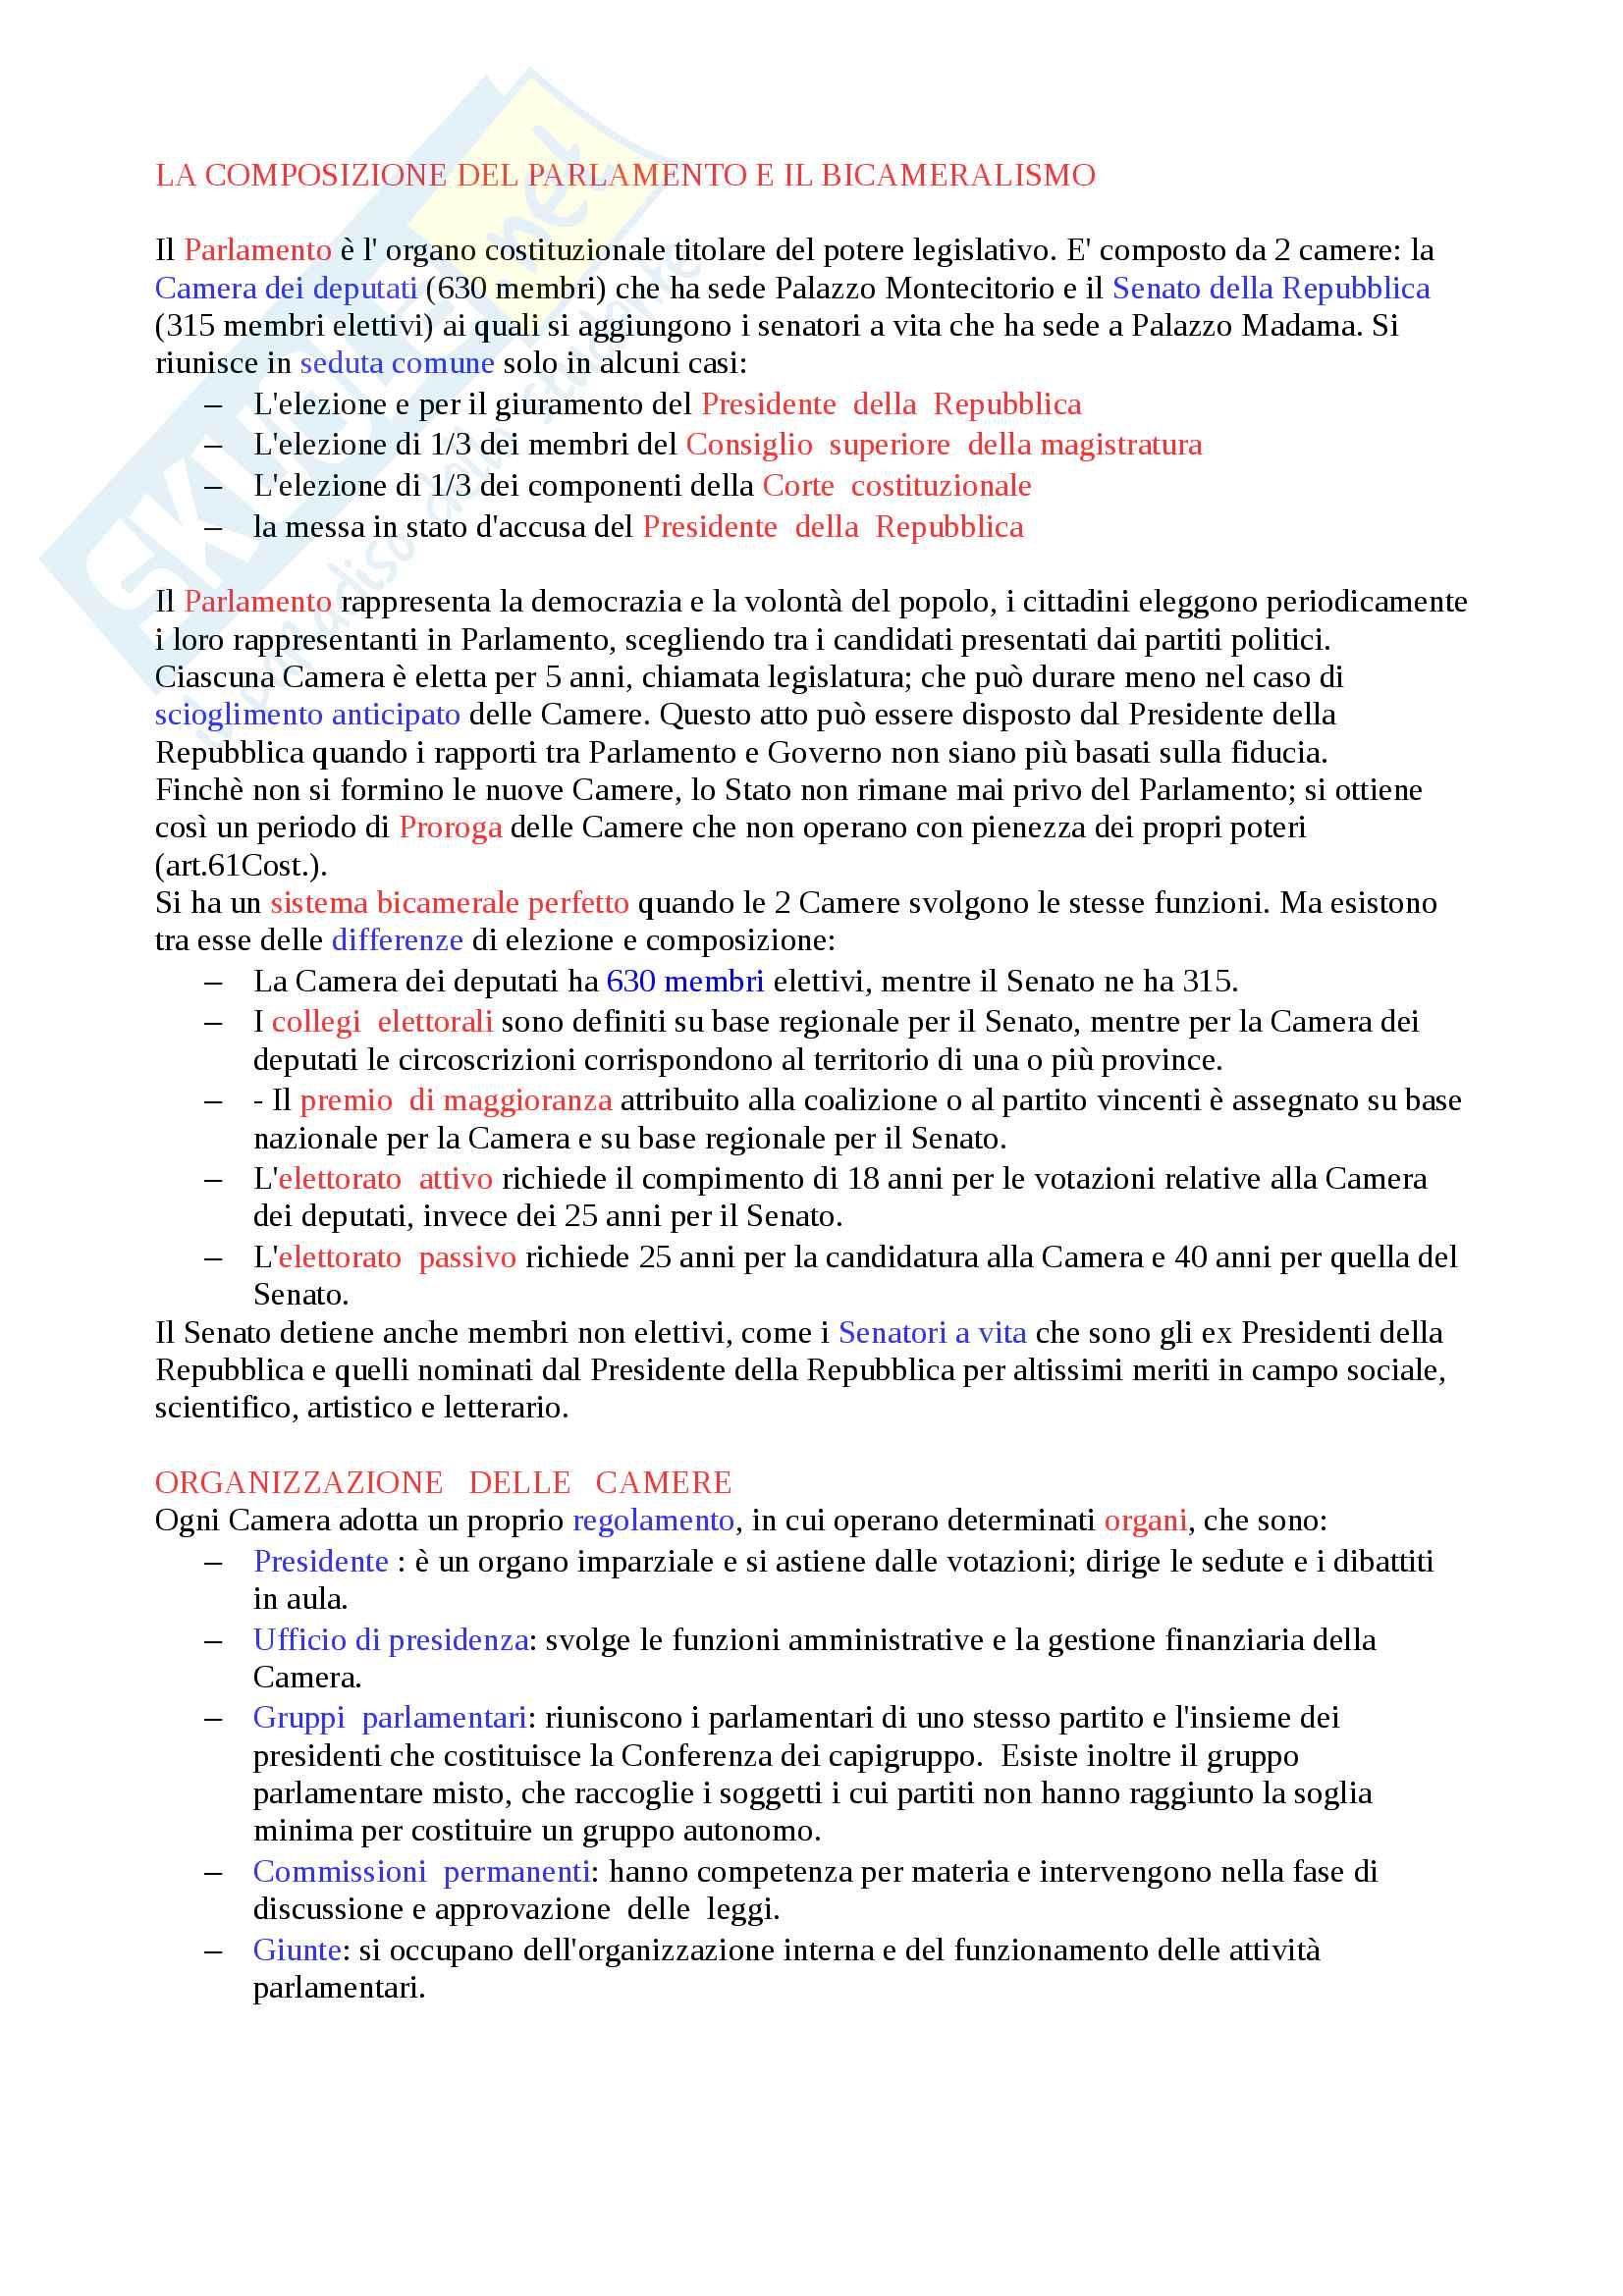 Diritto - La composizione del Parlamento e il Bicameralismo